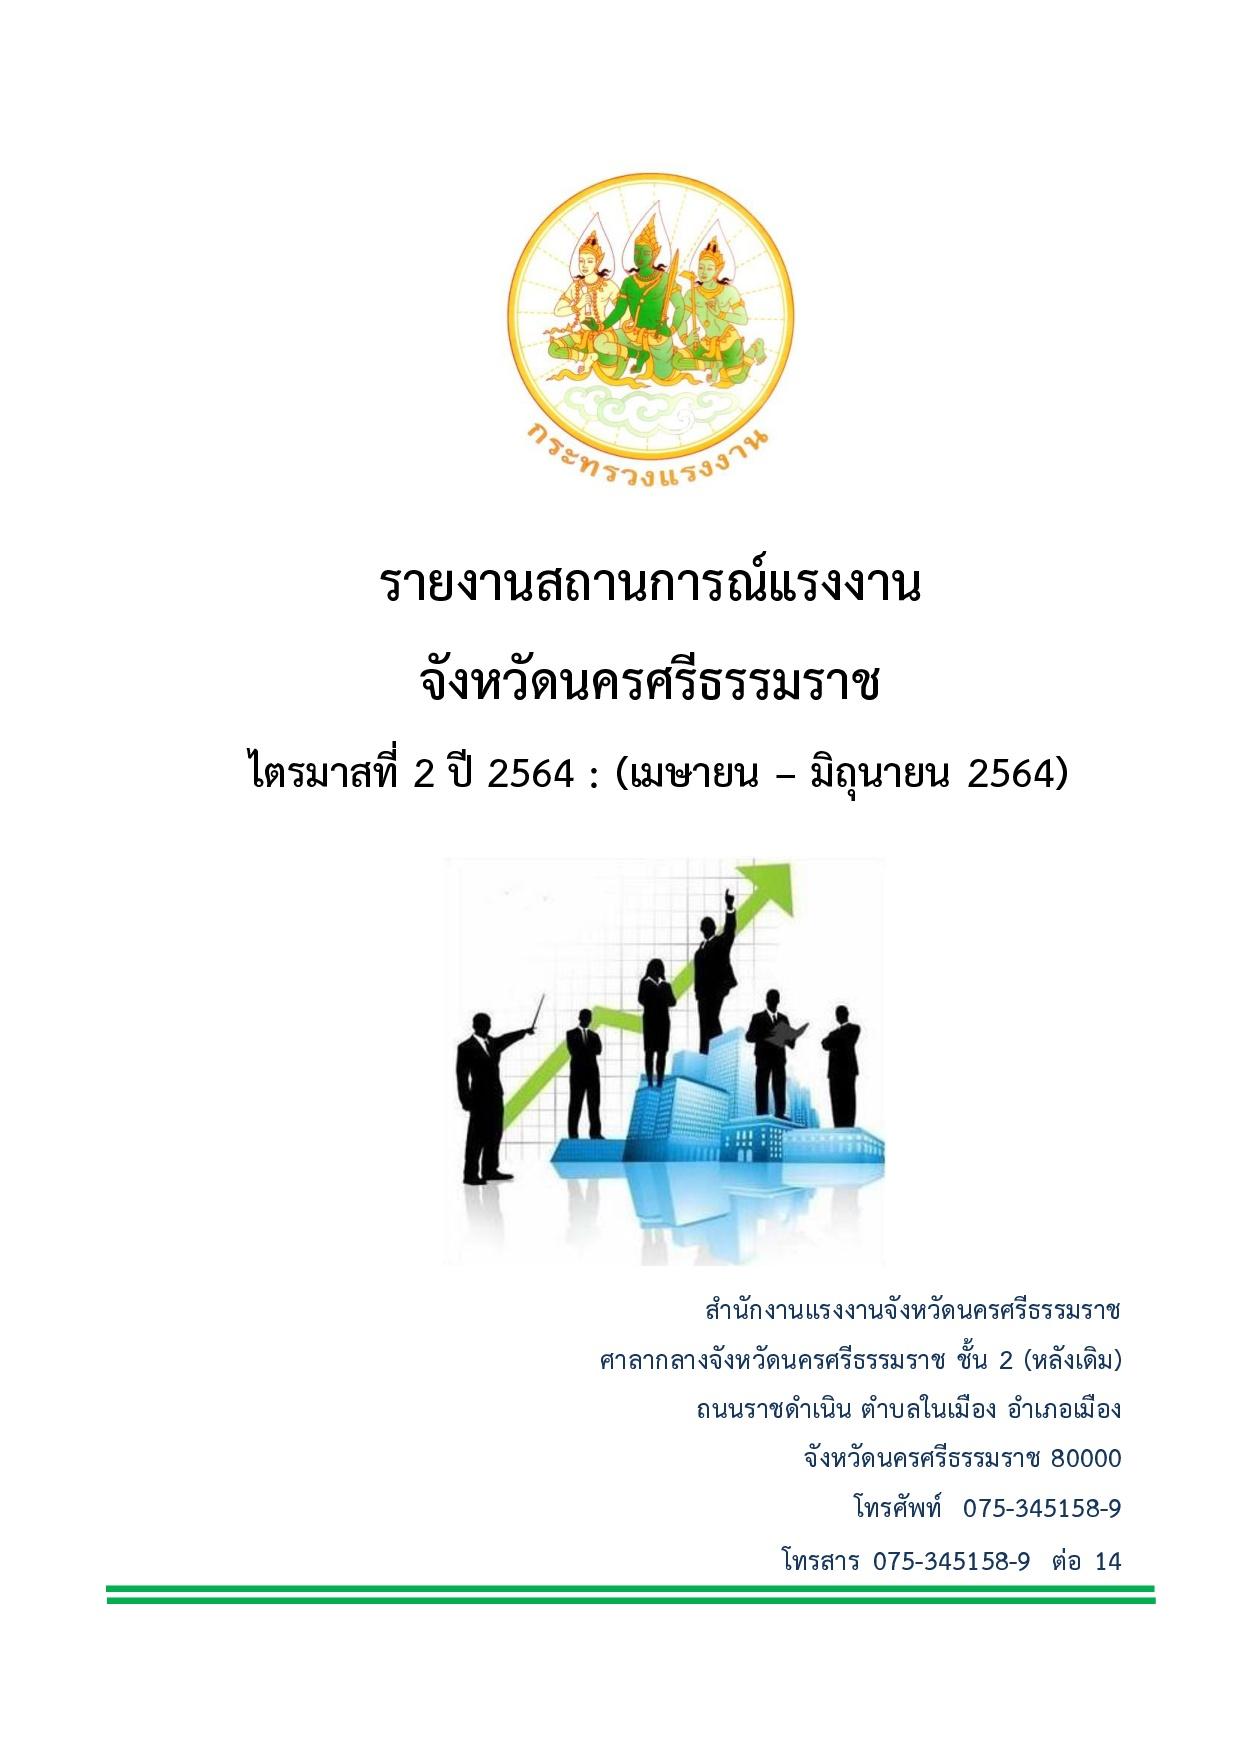 รายงานสถานการณ์แรงงานจังหวัดนครศรีธรรมราช ไตรมาส 2 ปี 2564 (เมษายน – มิถุนายน)